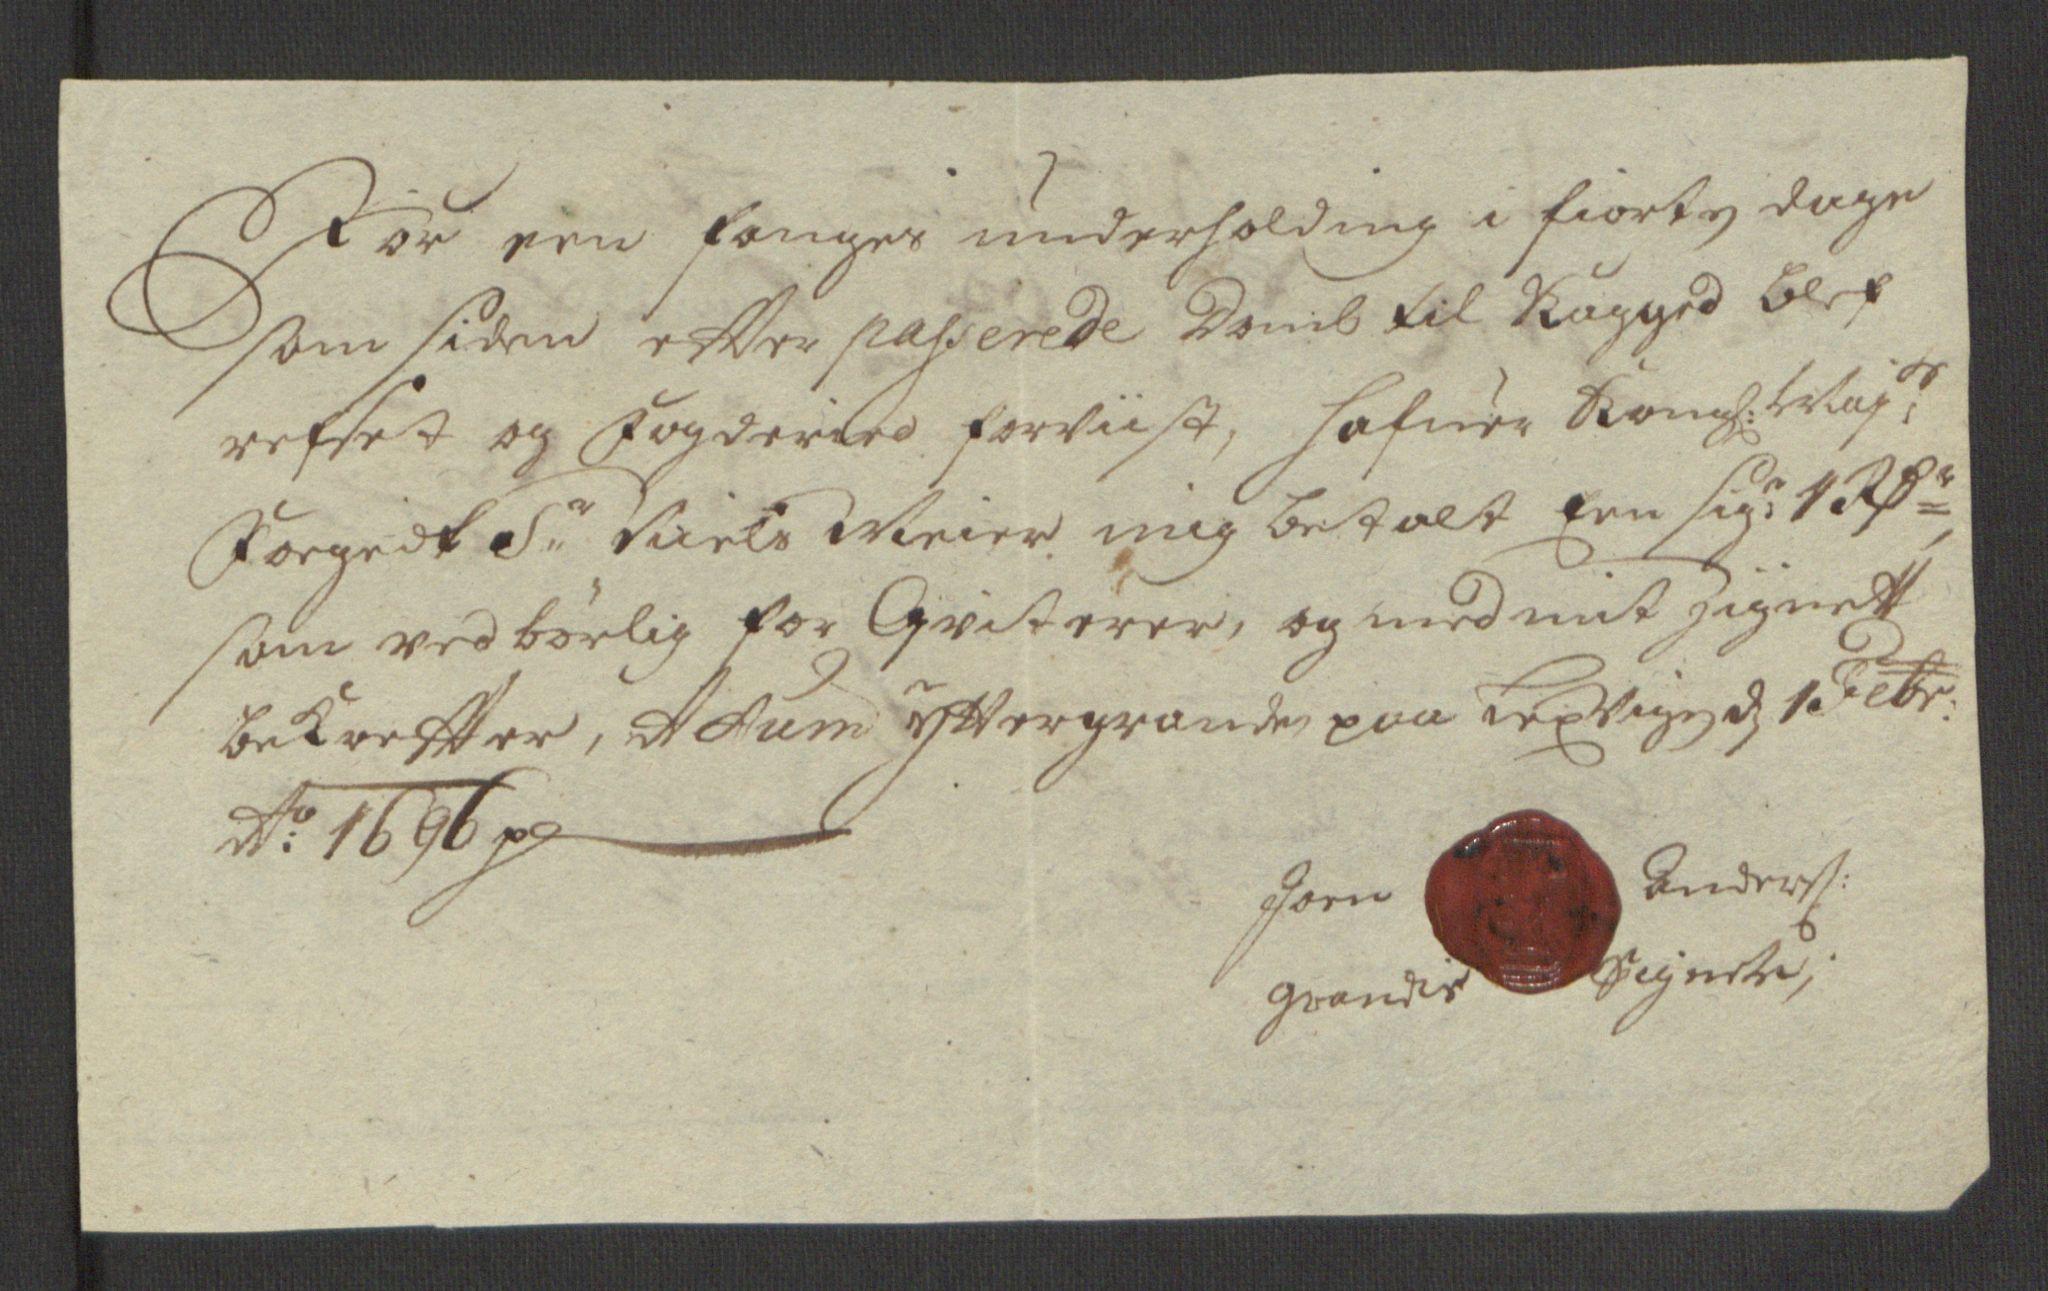 RA, Rentekammeret inntil 1814, Reviderte regnskaper, Fogderegnskap, R62/L4187: Fogderegnskap Stjørdal og Verdal, 1695, s. 222